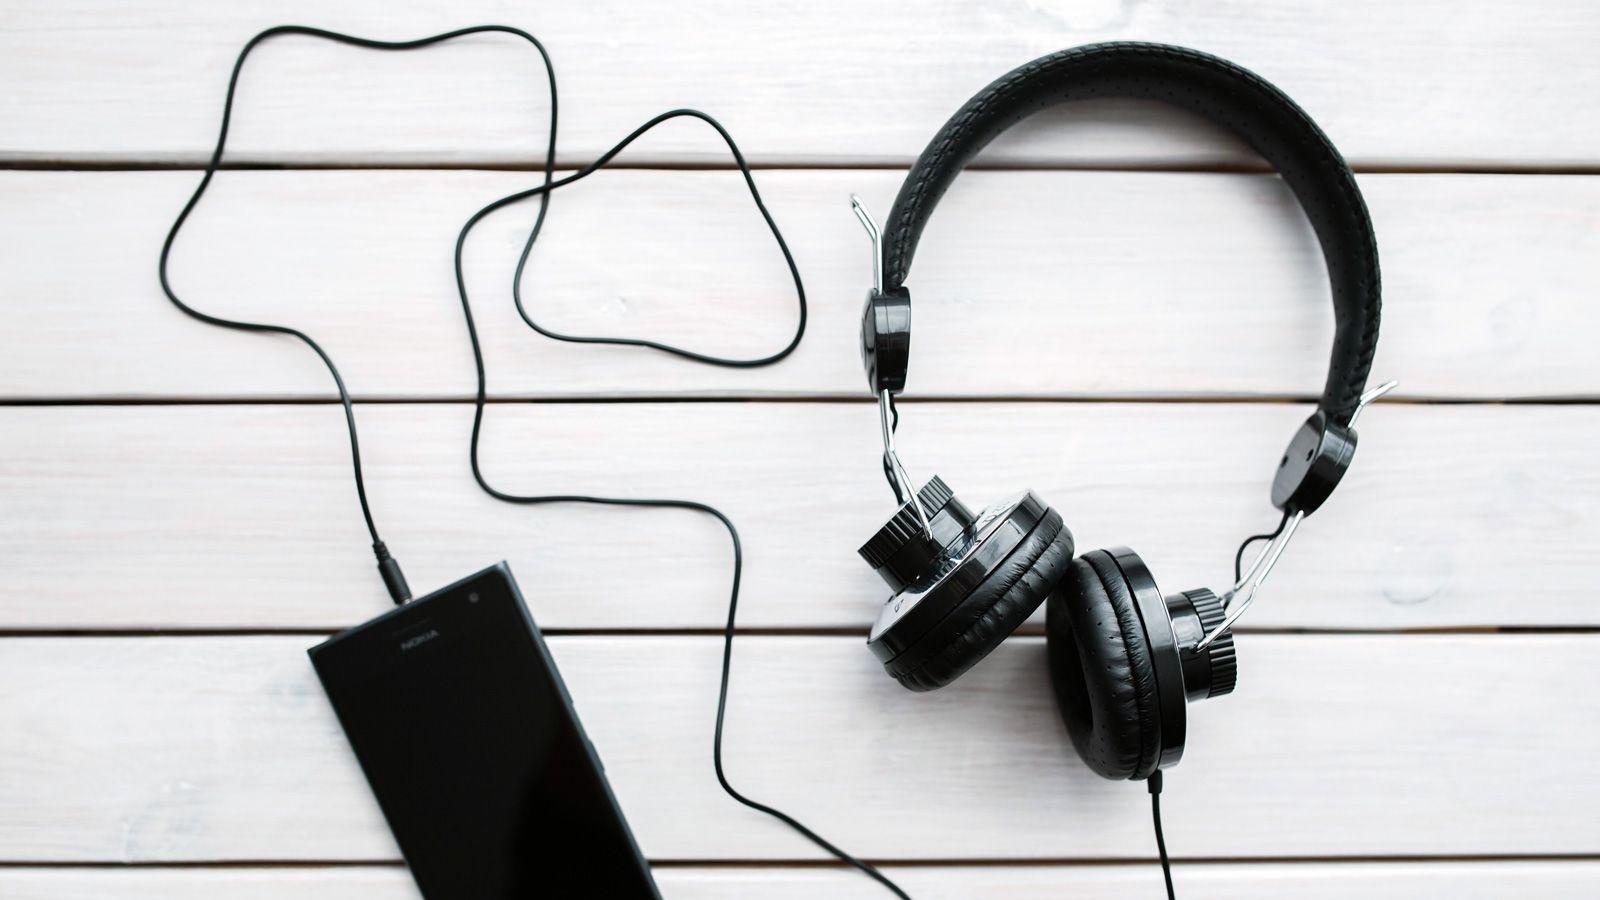 Gesucht: Empfehlungen für Blogs und Podcasts